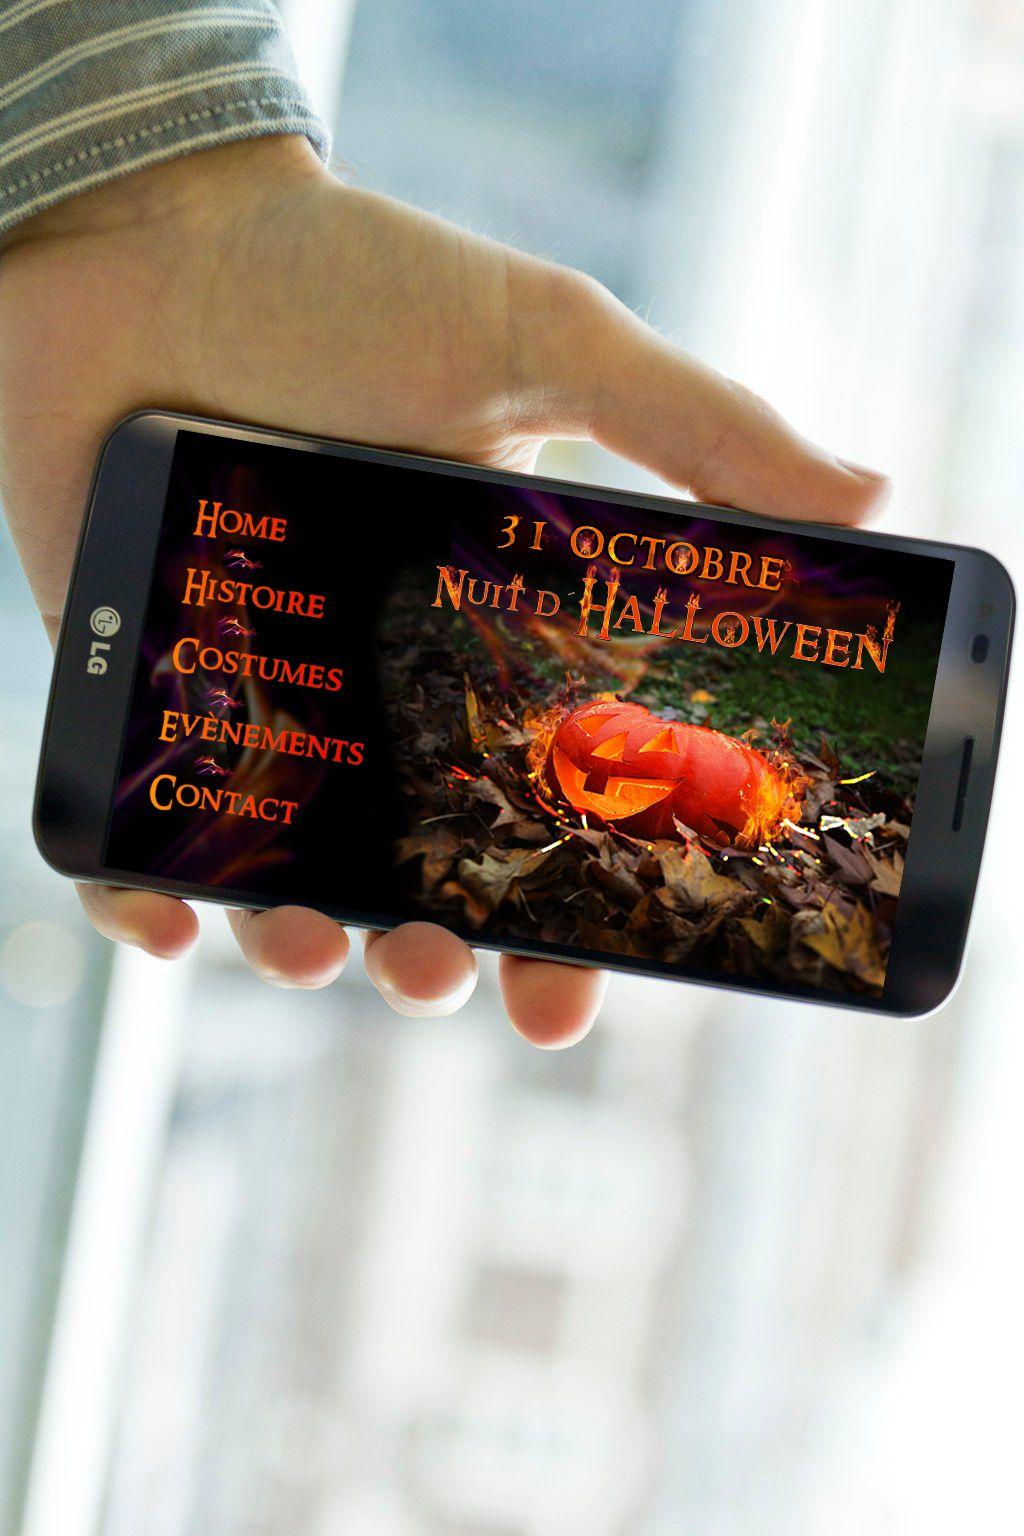 Exercice Photoshop: créér un visuel d'Halloween et l'intégrer sur différents devices. Ici sur un smartphone.